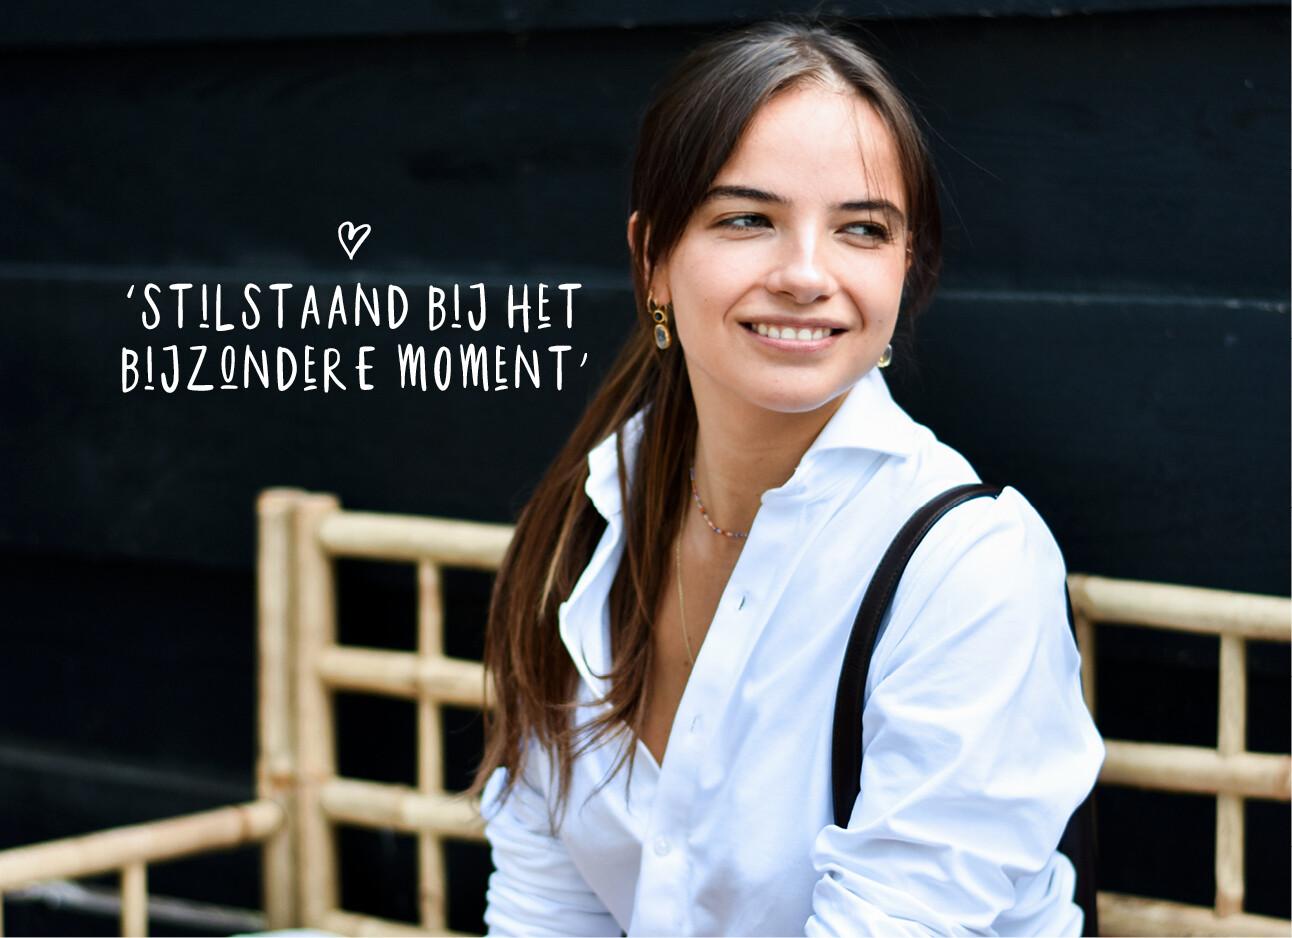 Tess Hoens